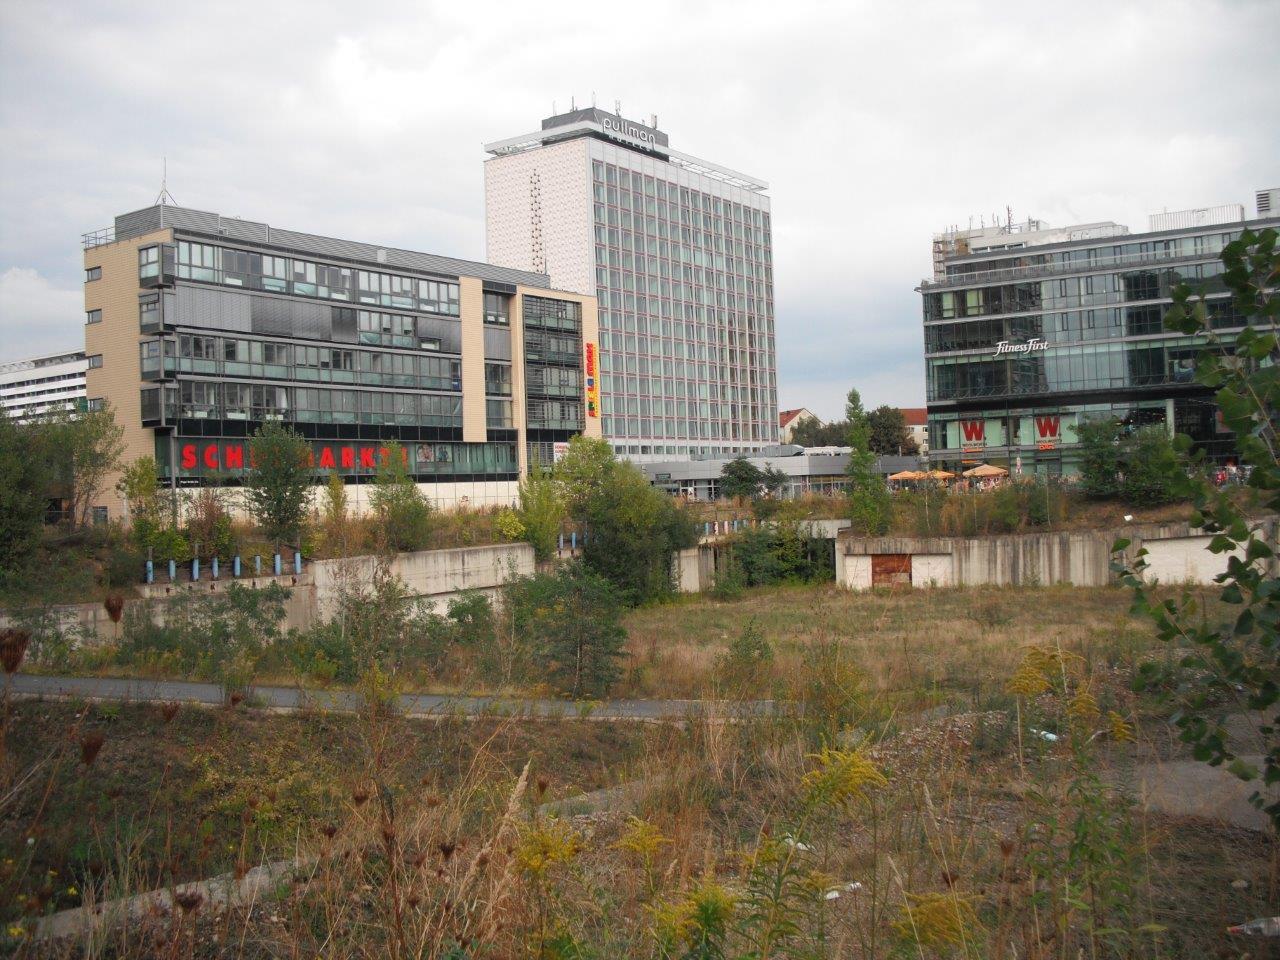 Nach Stadtratsbeschluss: Wiener Loch soll ab Herbst 2013 bebaut werden